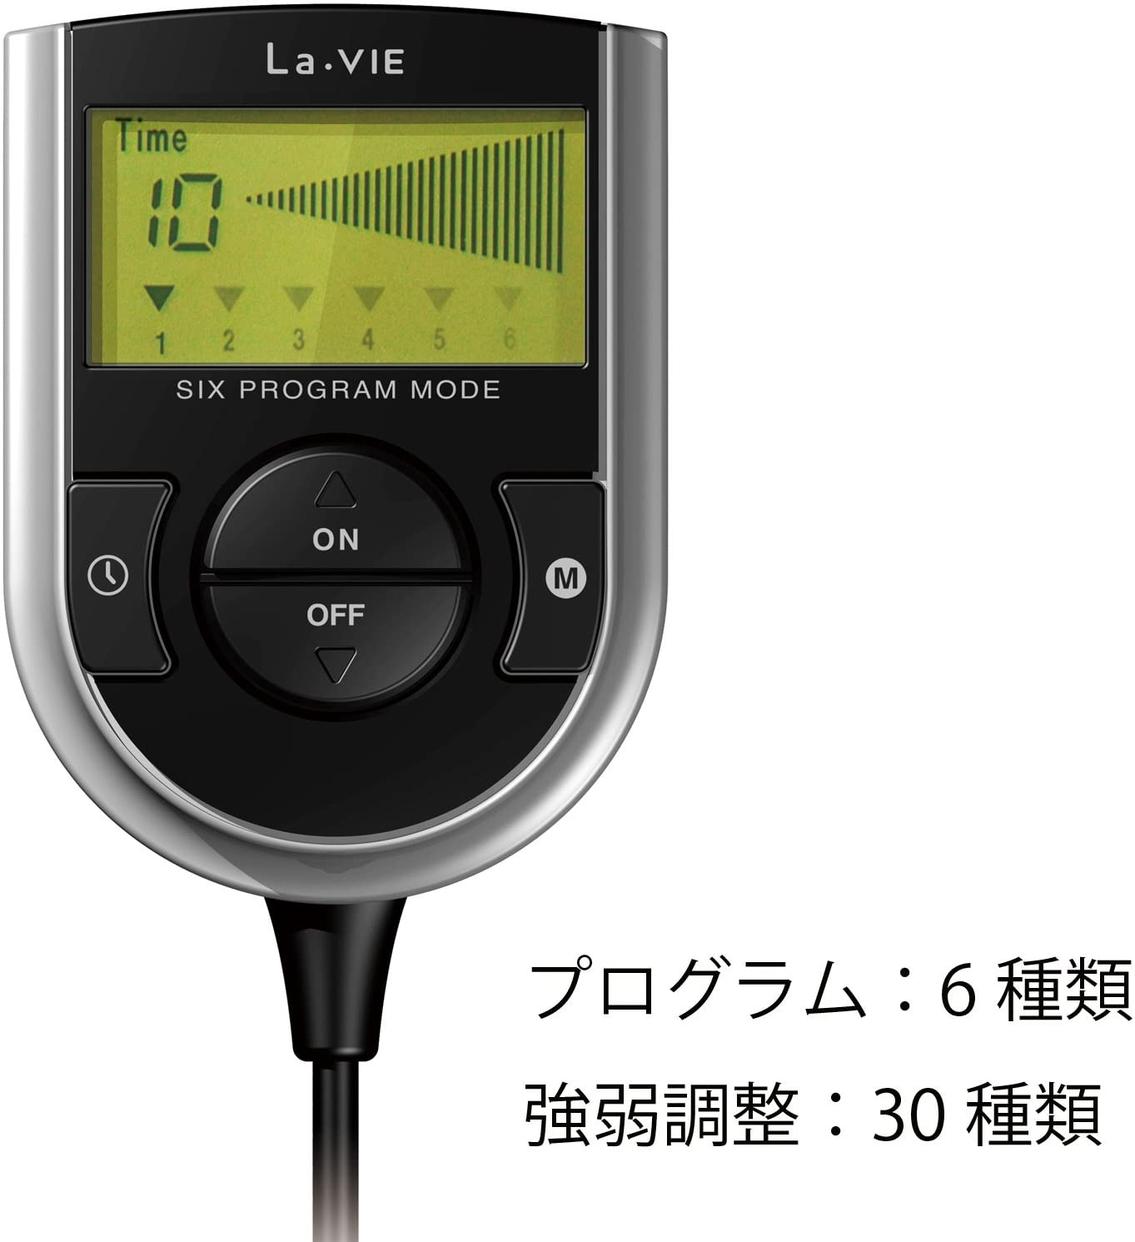 La-VIE(ラヴィ) ラヴィ EMS パノラマ 3B-3562の商品画像3